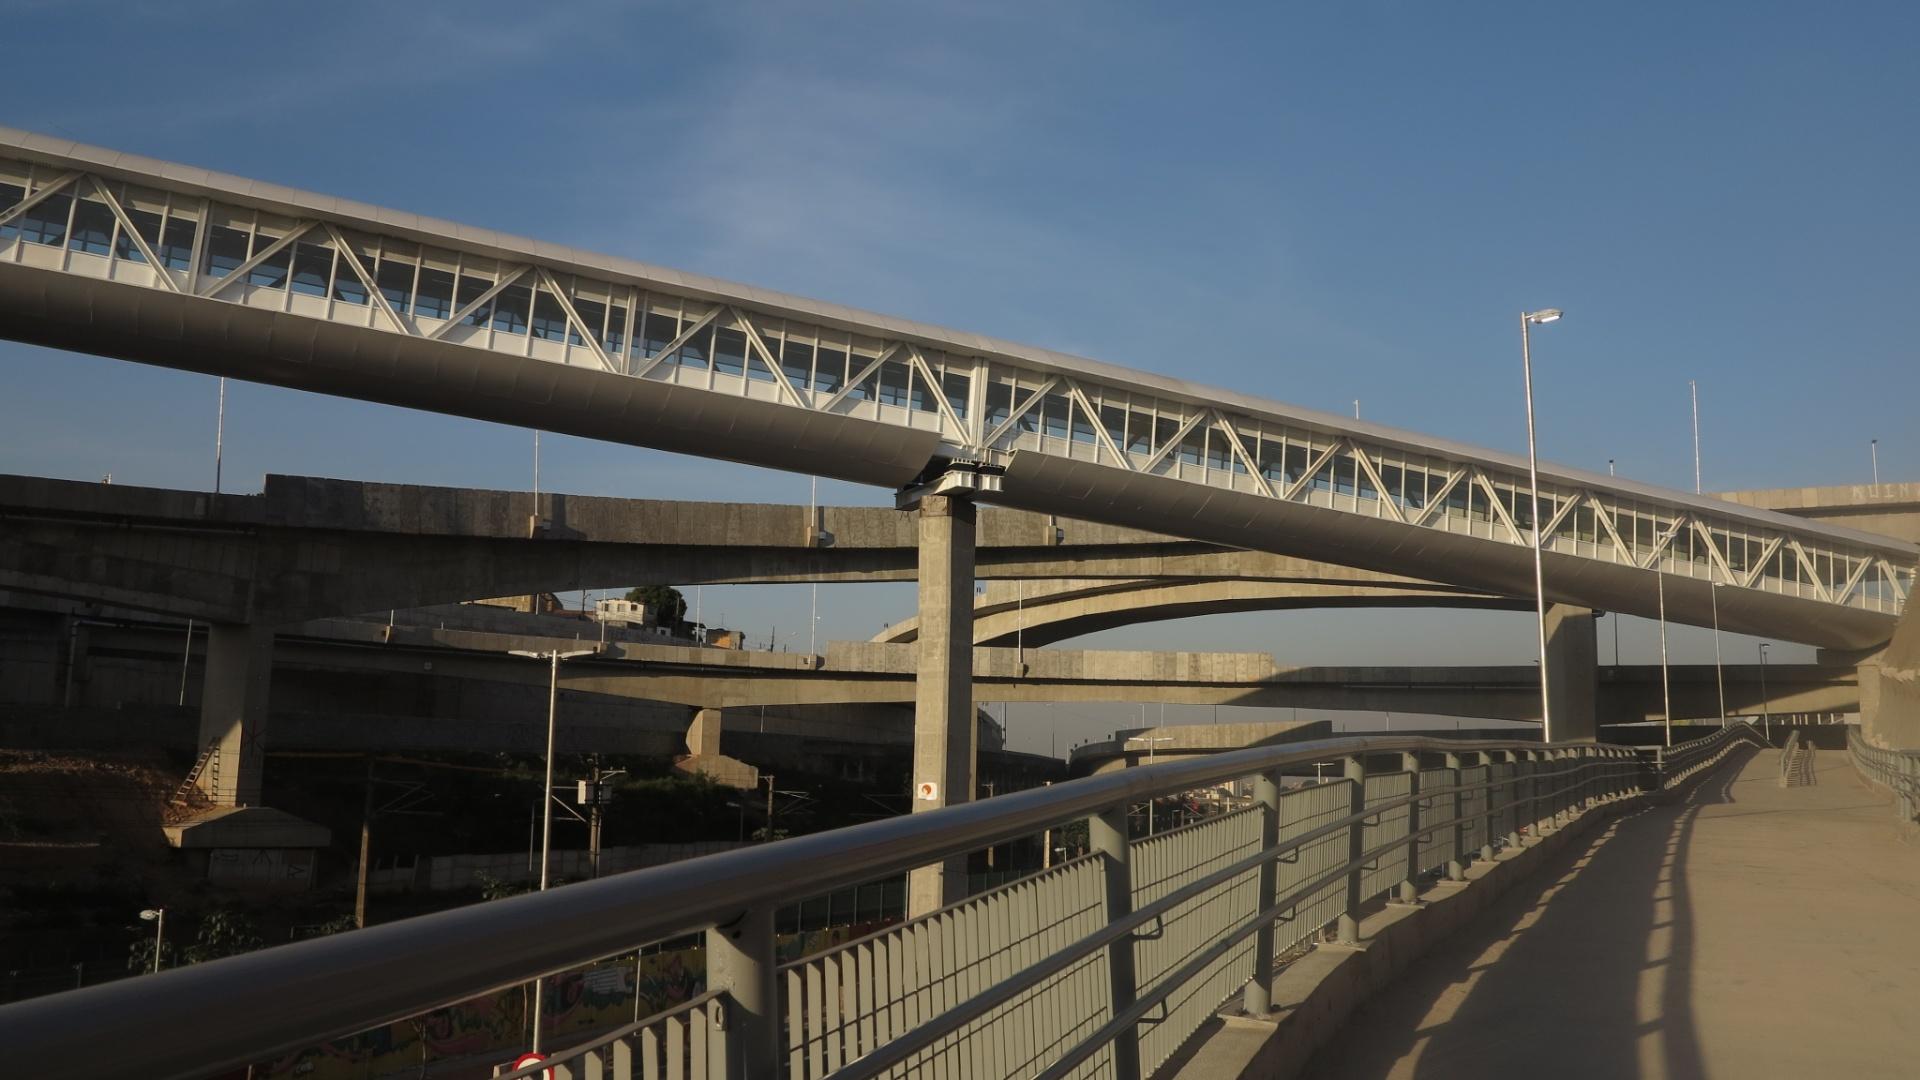 Passarela que liga o Cohab 1 ao outro lado da Radial Leste, construída junto com o Itaquerão.